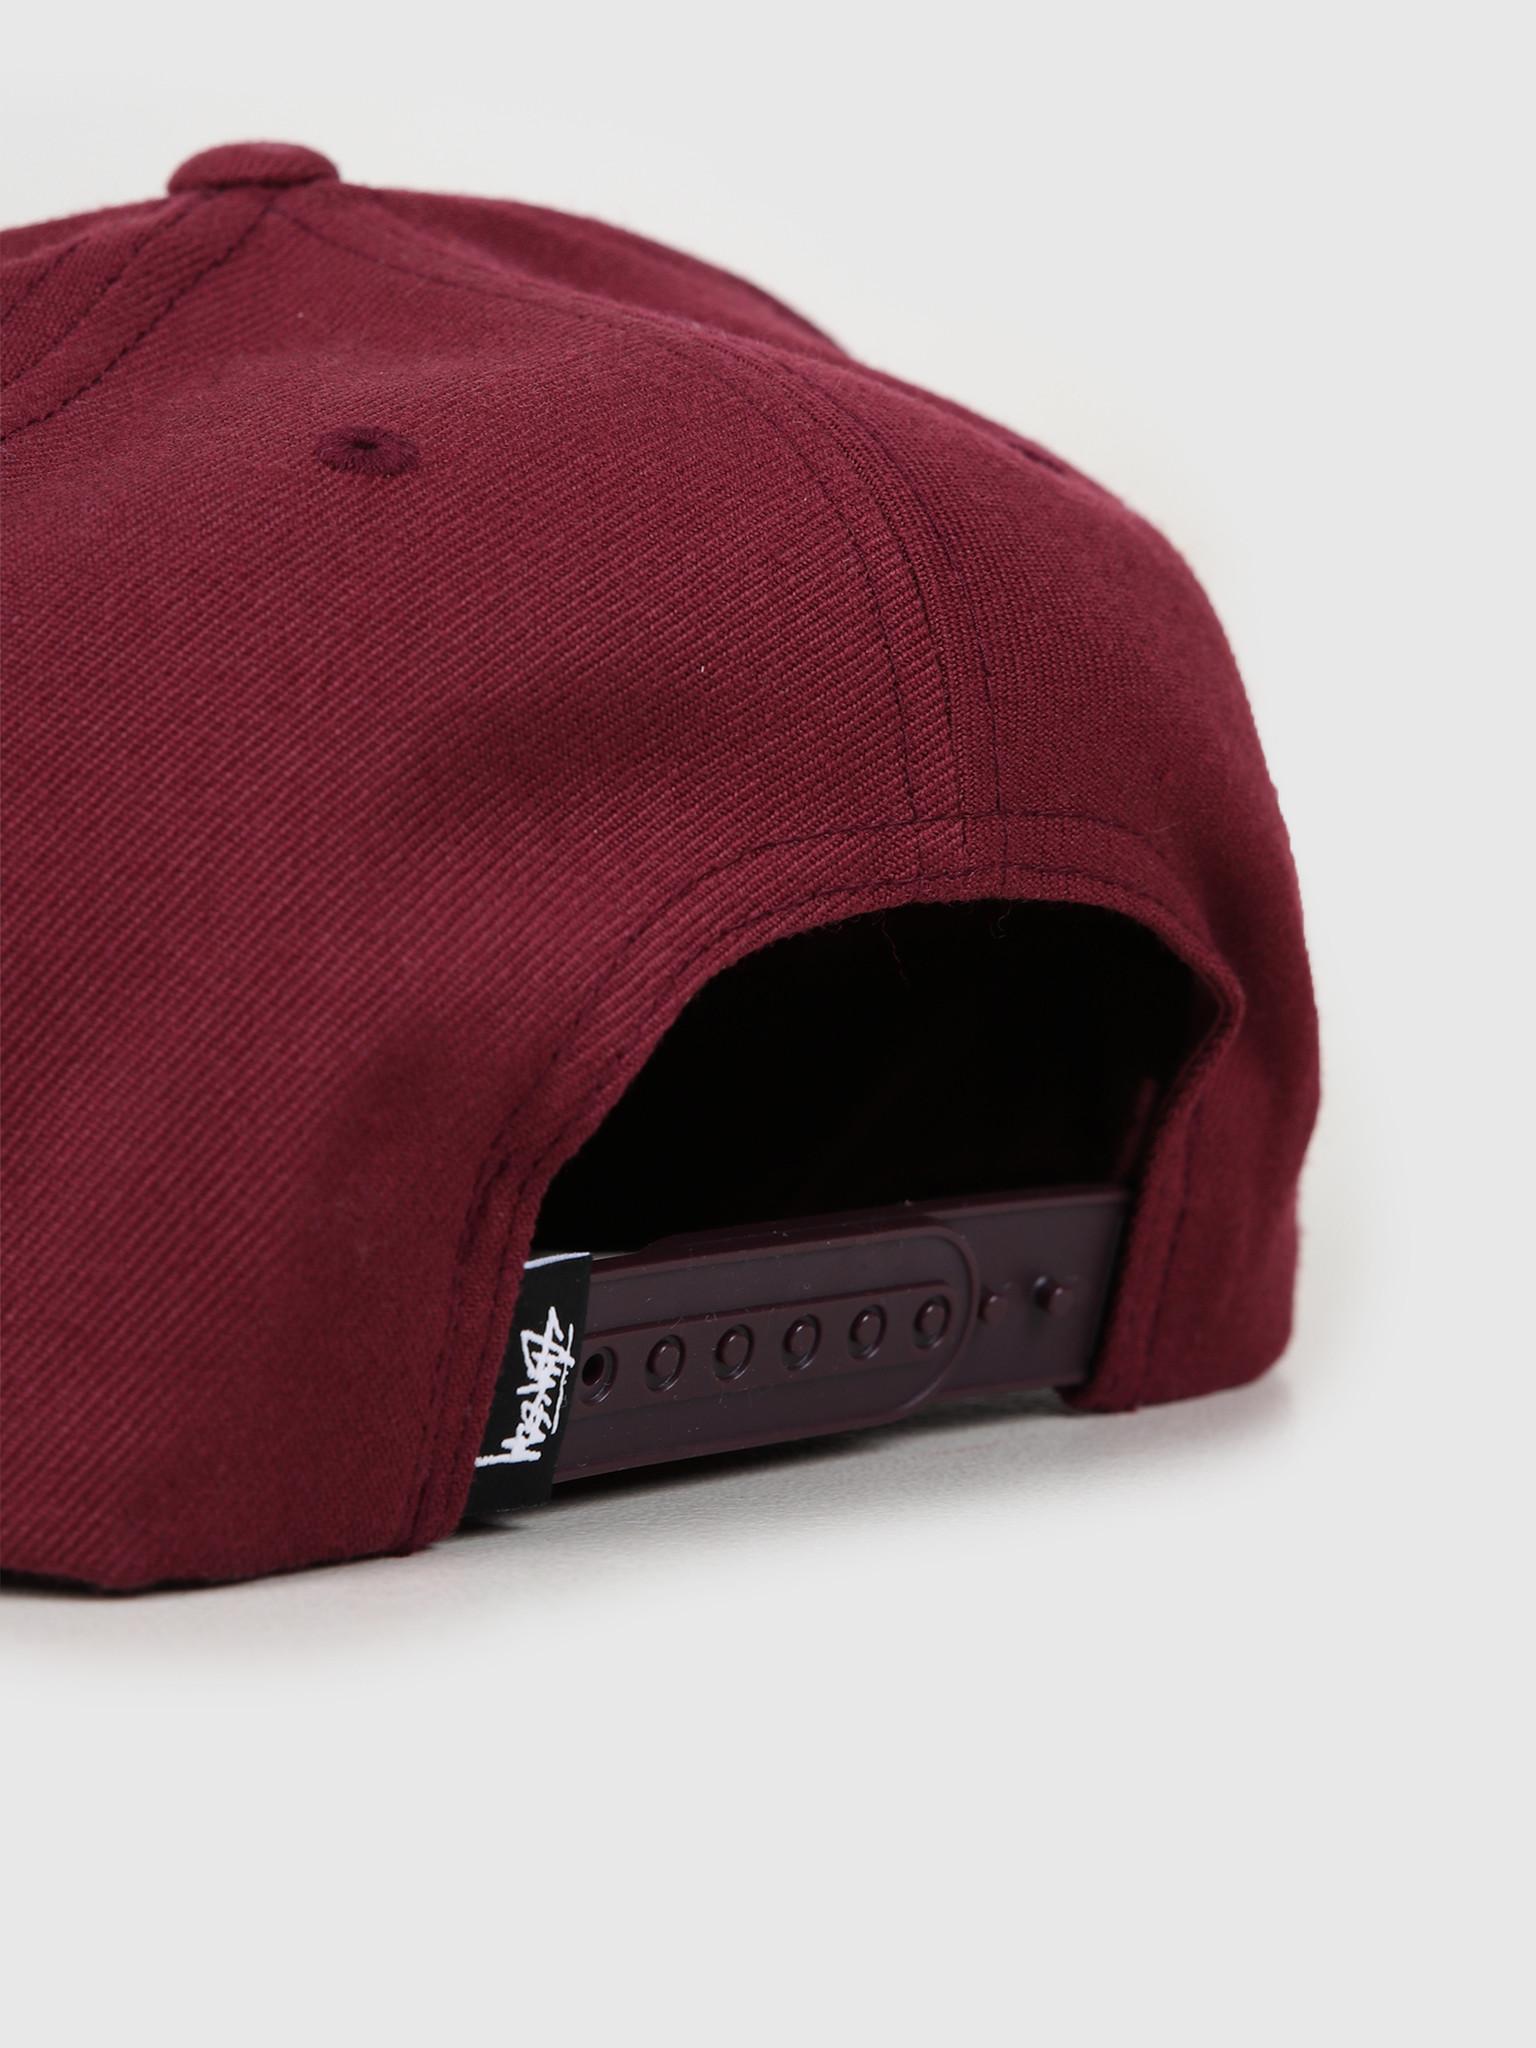 Stussy Stussy Ho19 Stock Cap Burgundy 131921